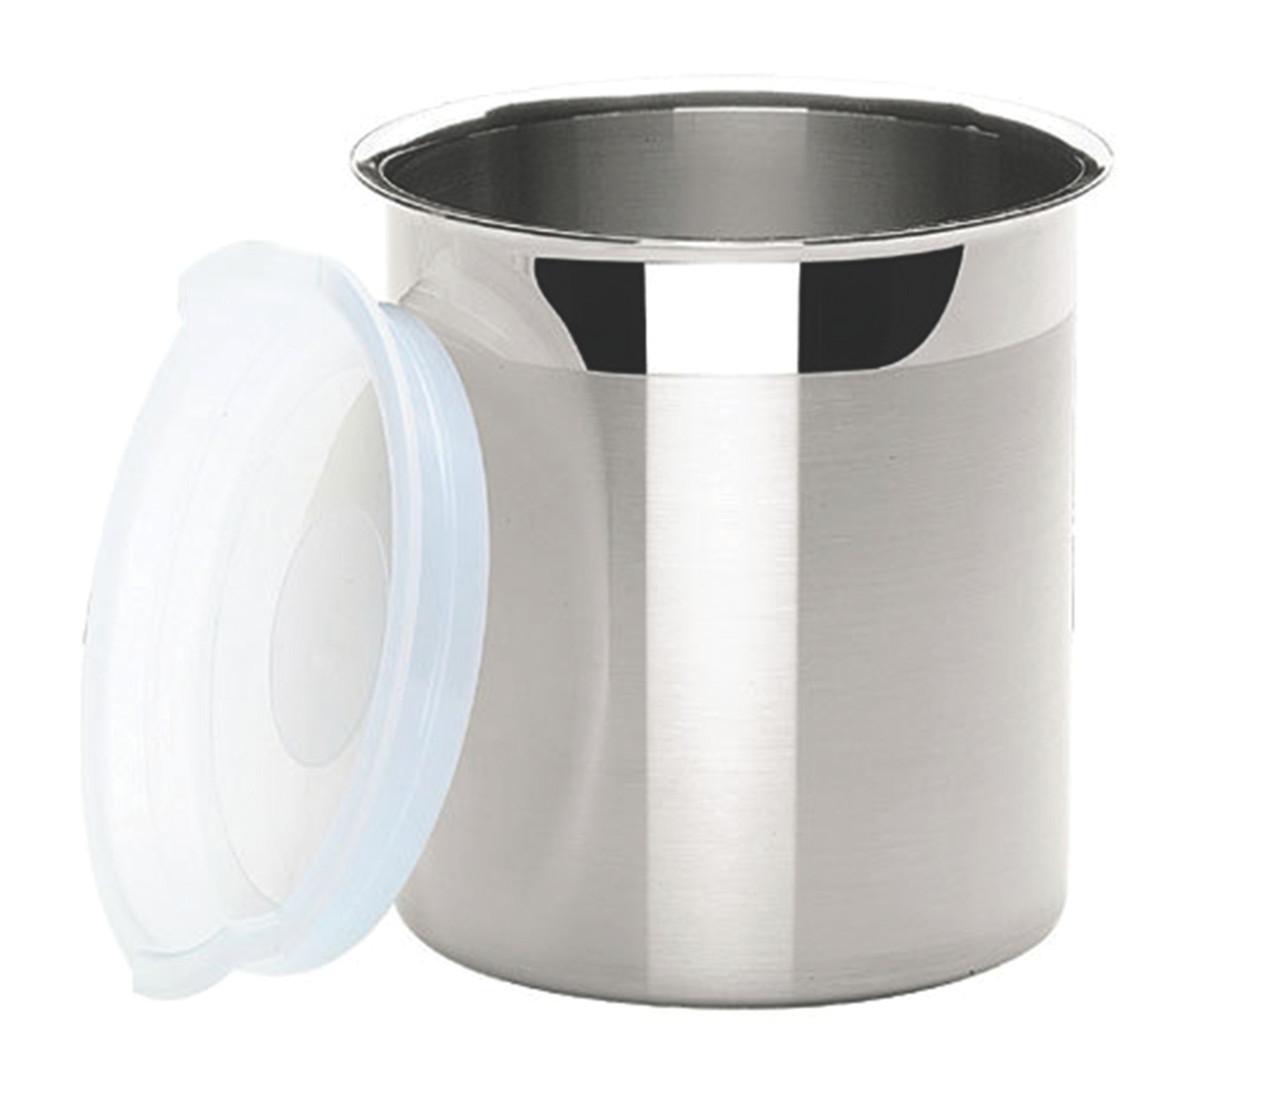 Емкость кухонная с крышкой стальная 14см 2,33л 61227/140 Cucina Tramontina